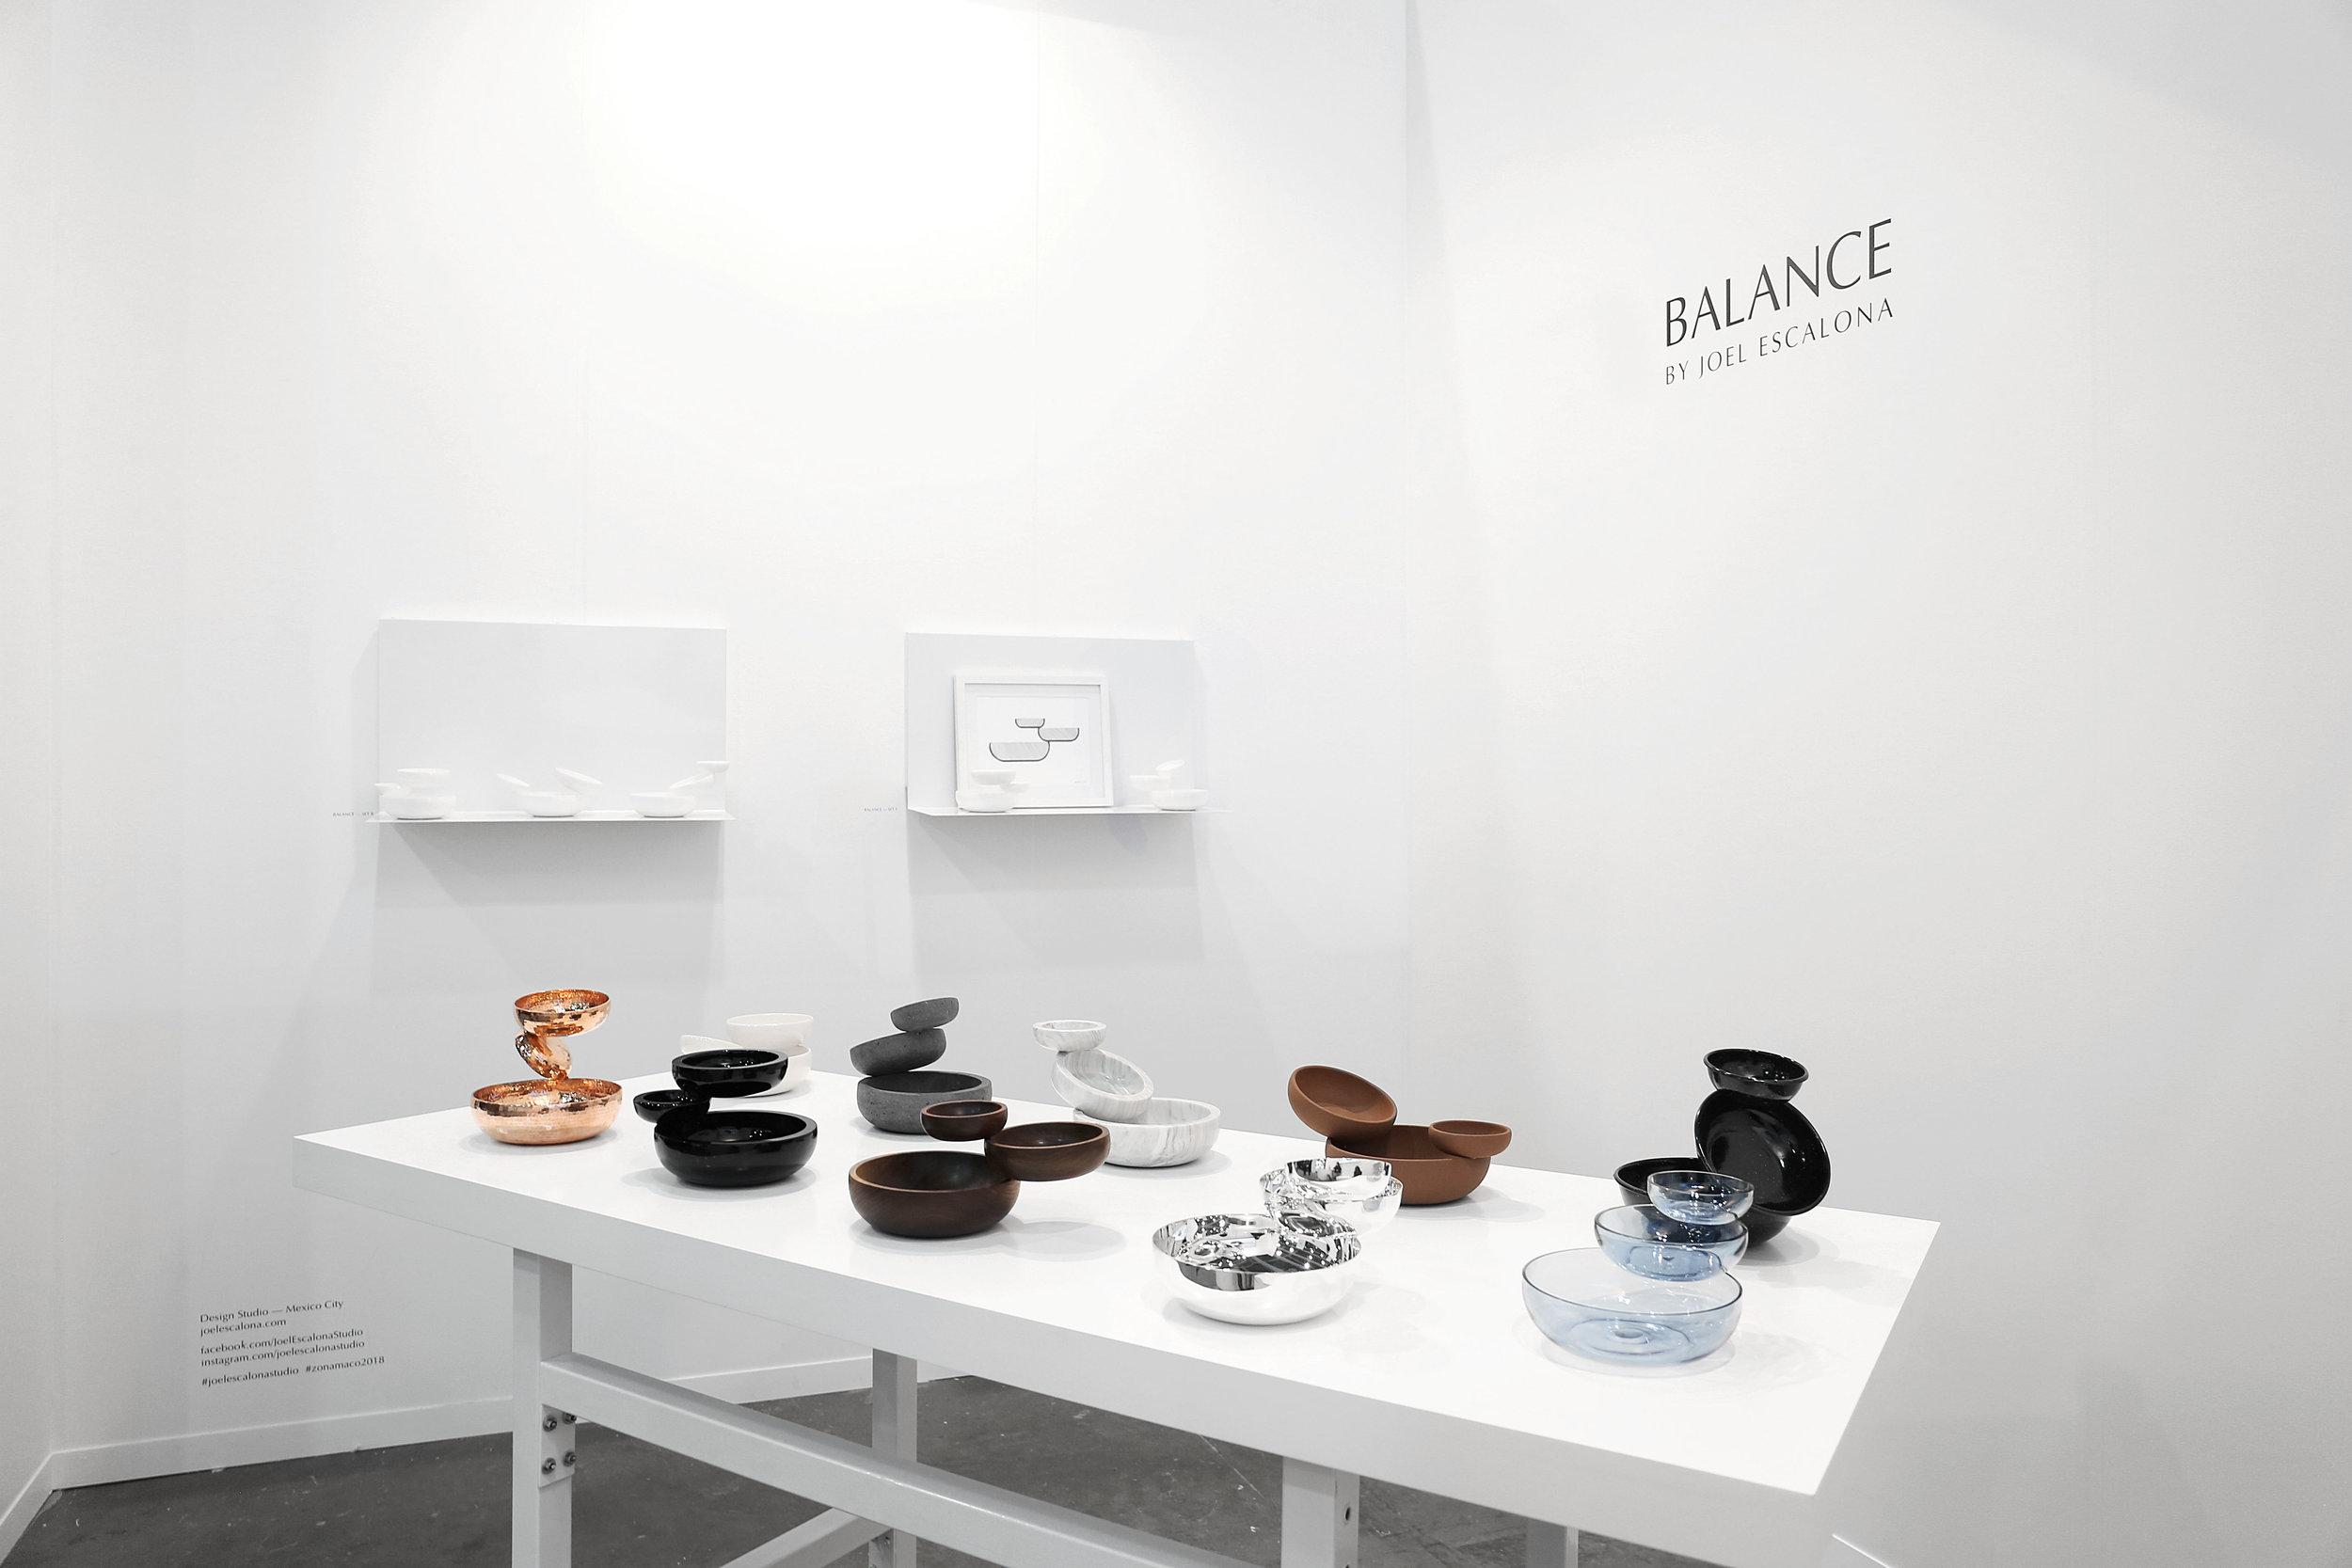 BALANCE BY JOEL ESCALONA AT ZONA MACO 2018 — 51.jpg